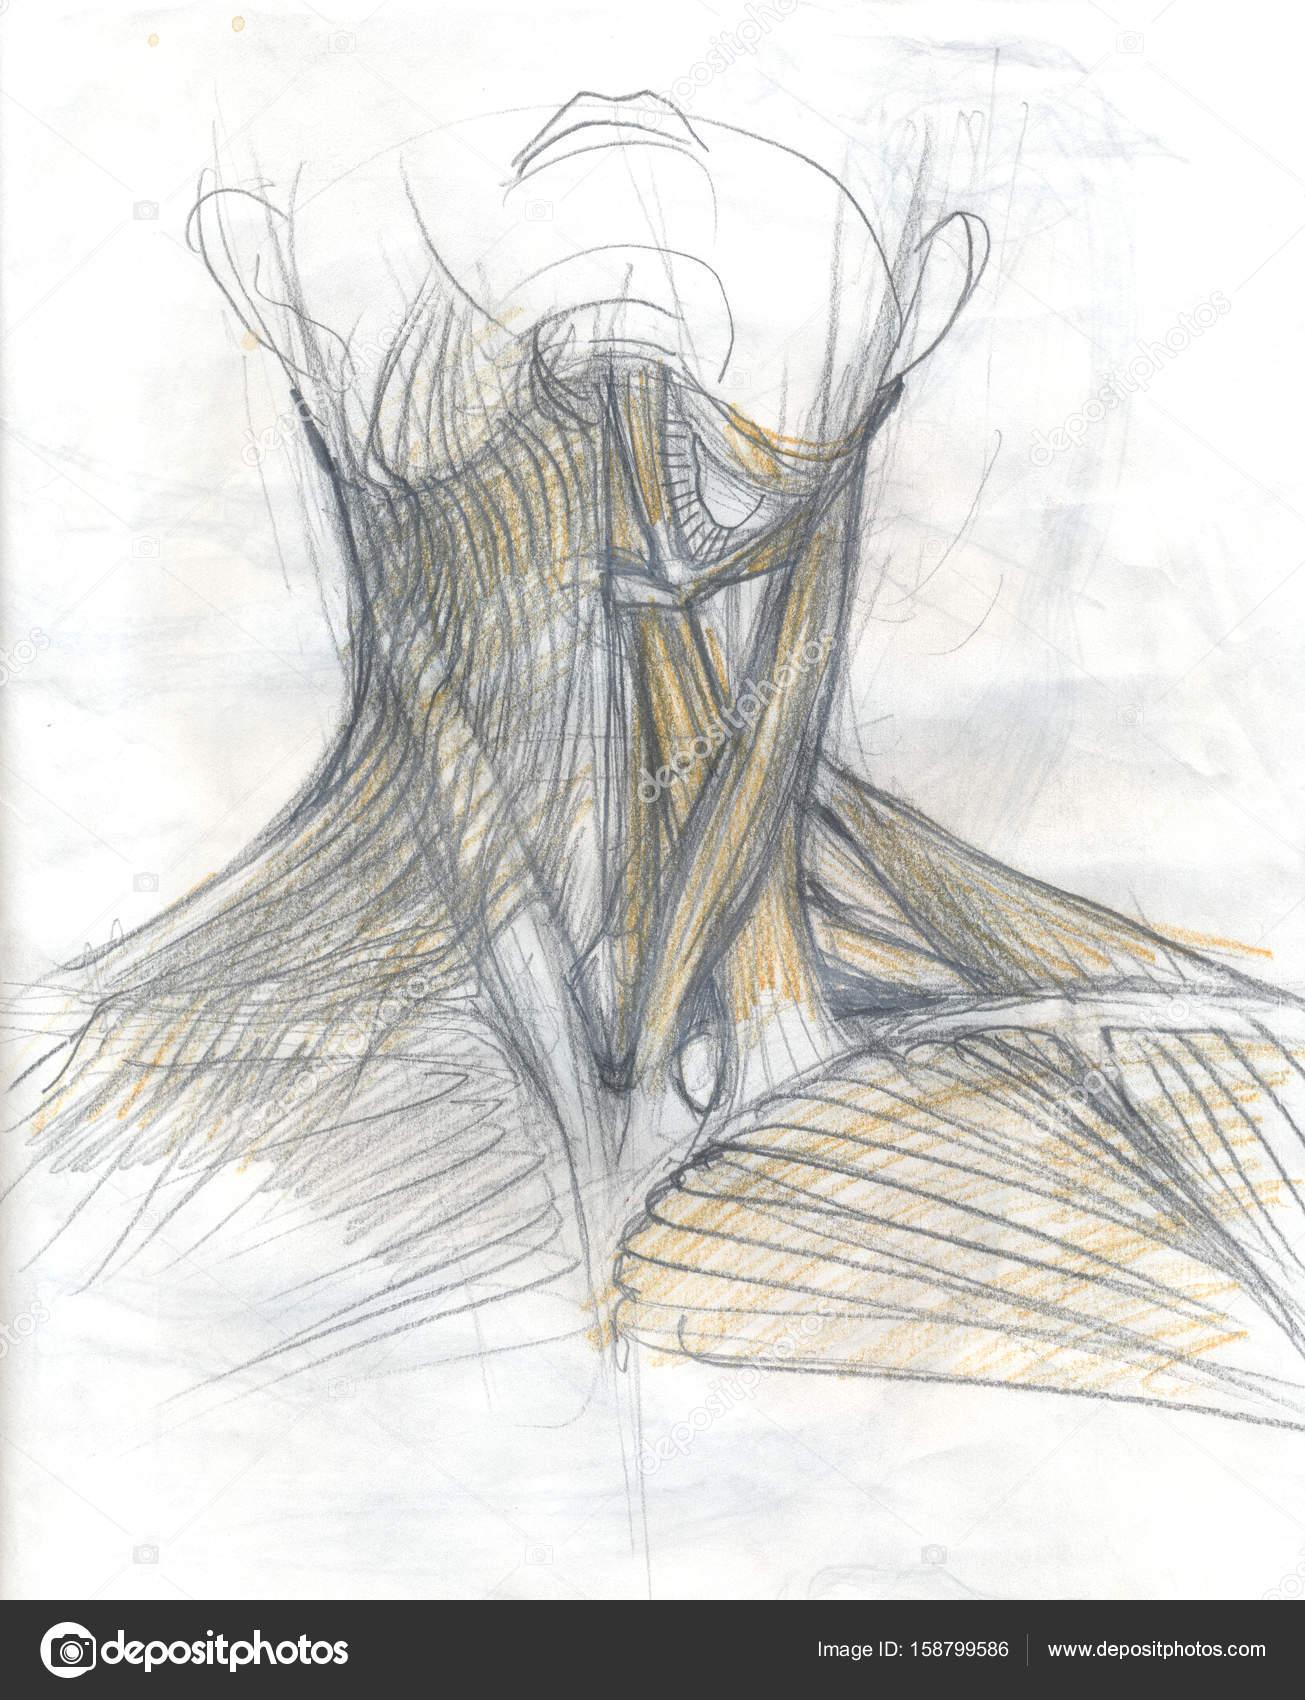 menschlichen Nackenmuskulatur — Stockfoto © richcat #158799586